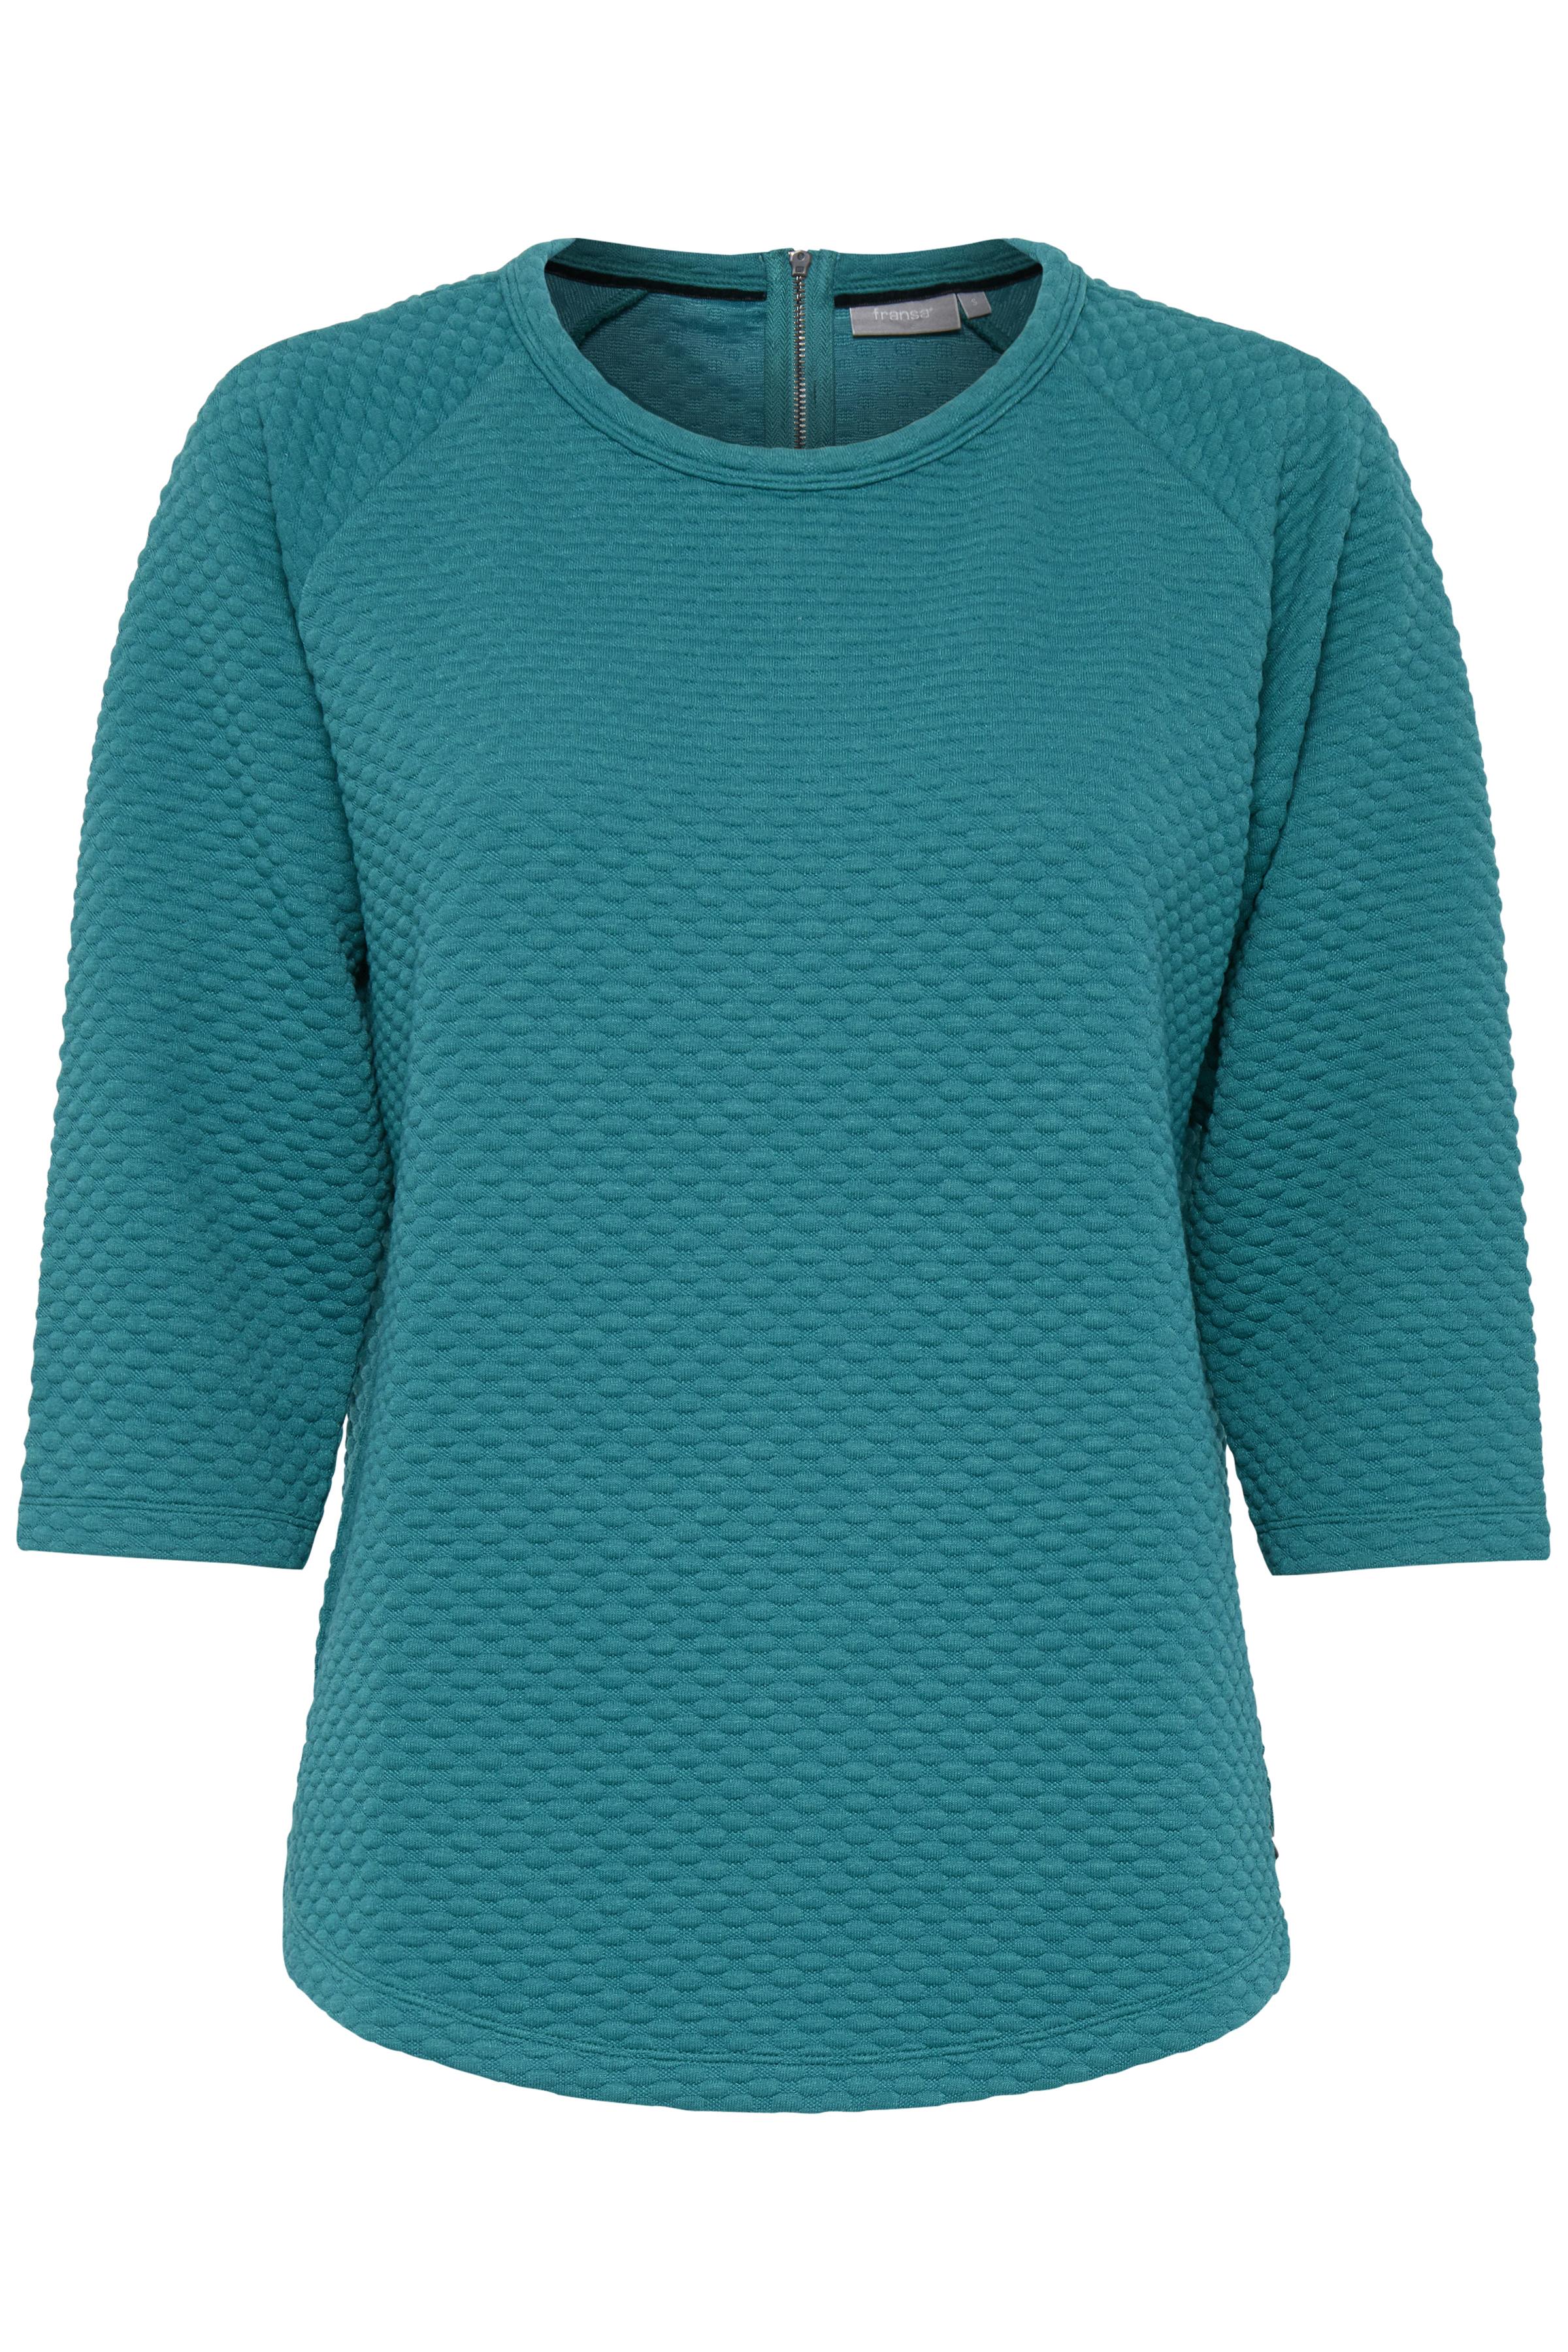 Turkisgrøn Langærmet bluse fra Fransa – Køb Turkisgrøn Langærmet bluse fra str. XS-XXL her